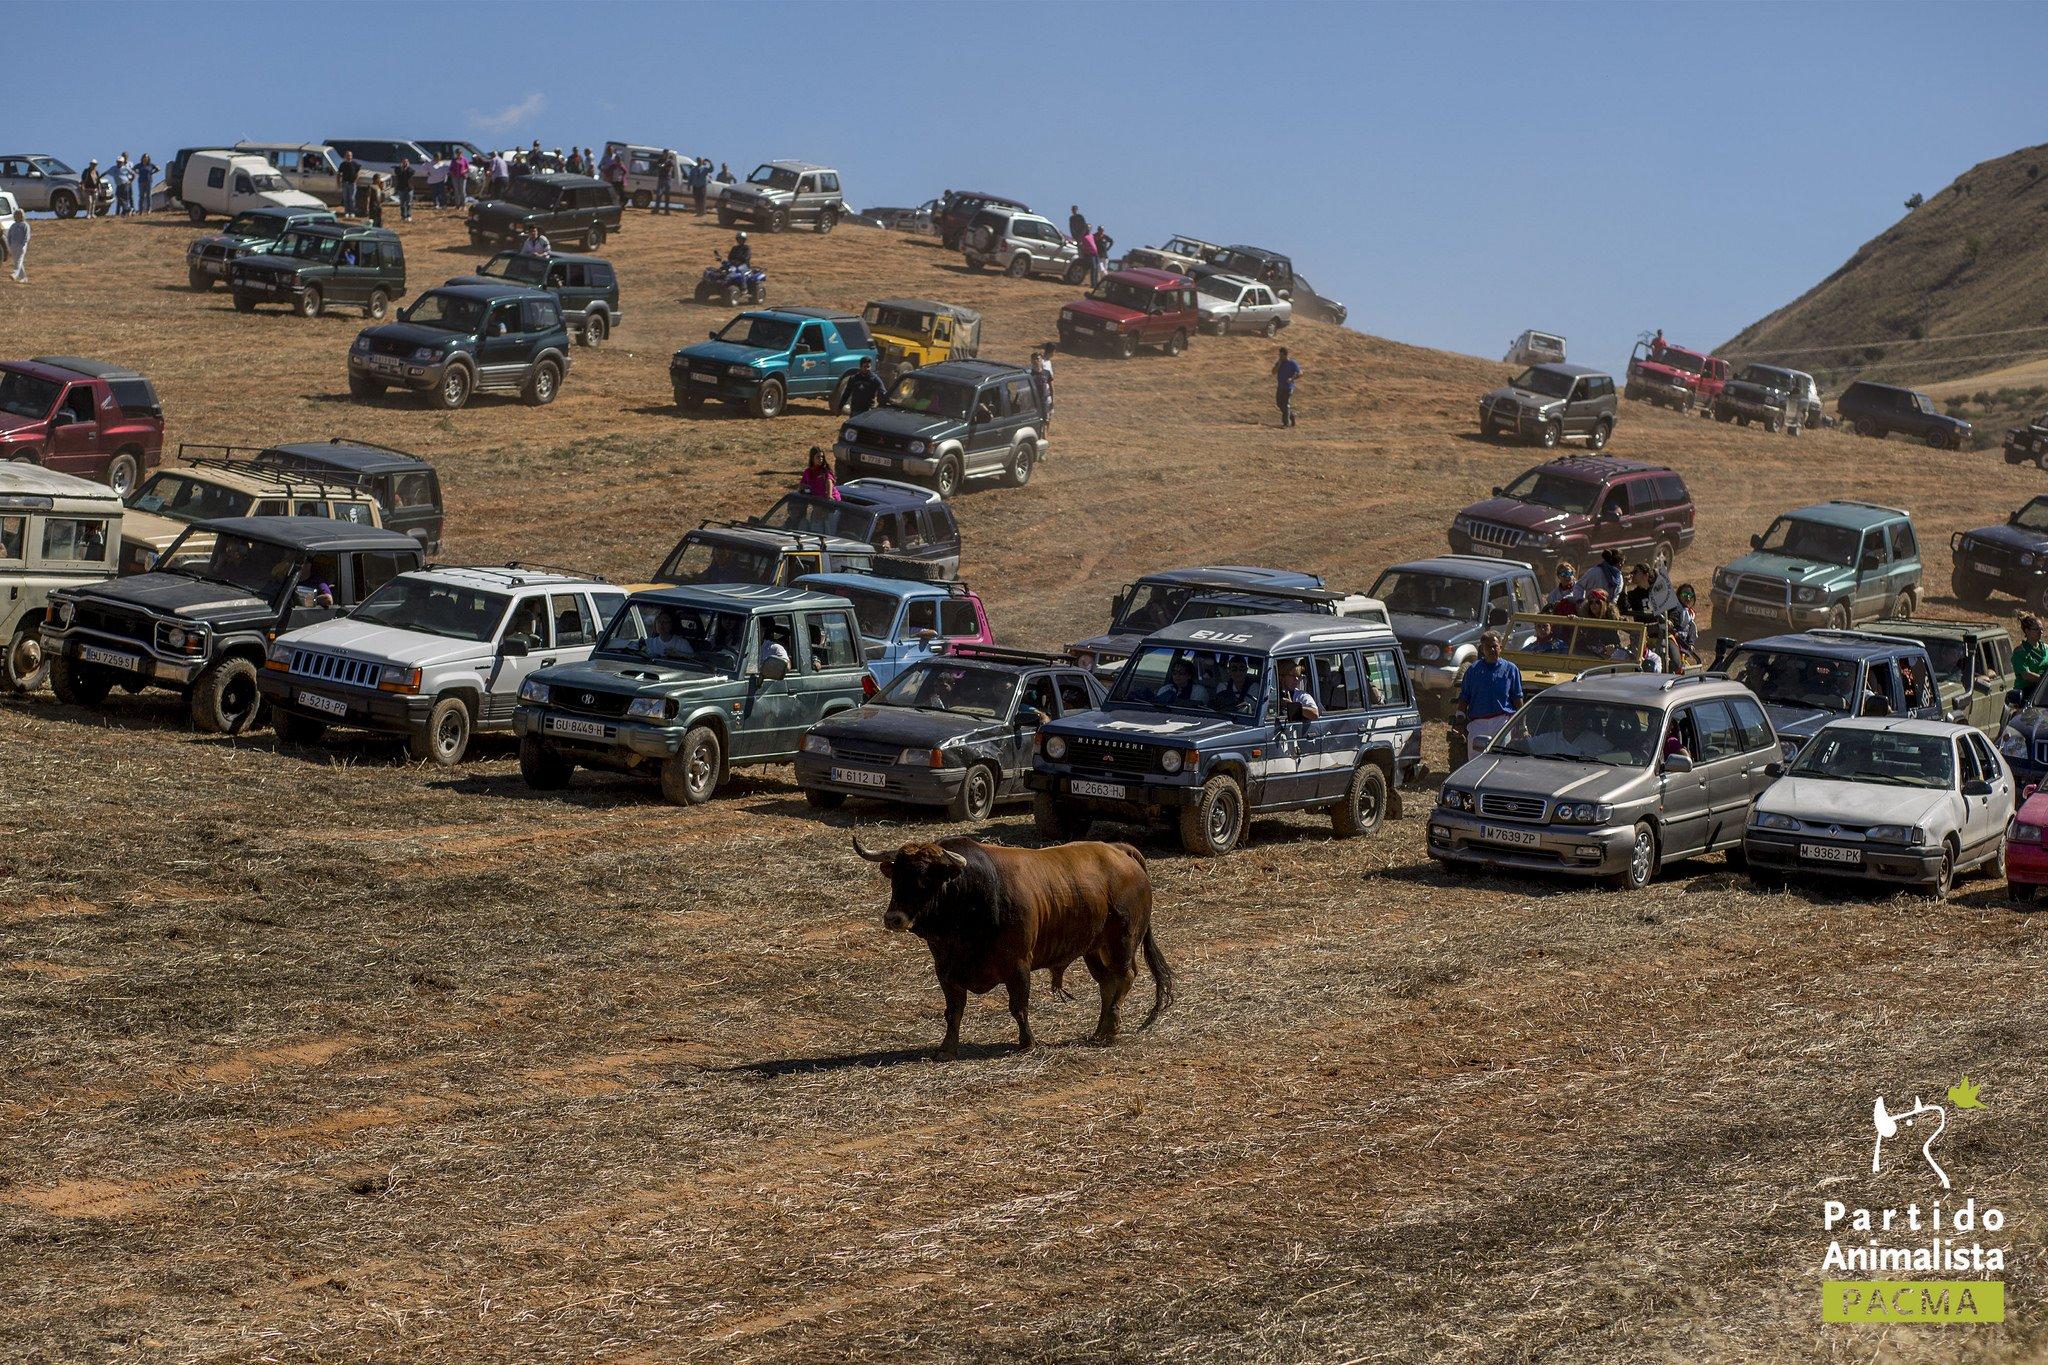 Rally automobilistici contro tori, illegali ma tollerati a Guadalajara